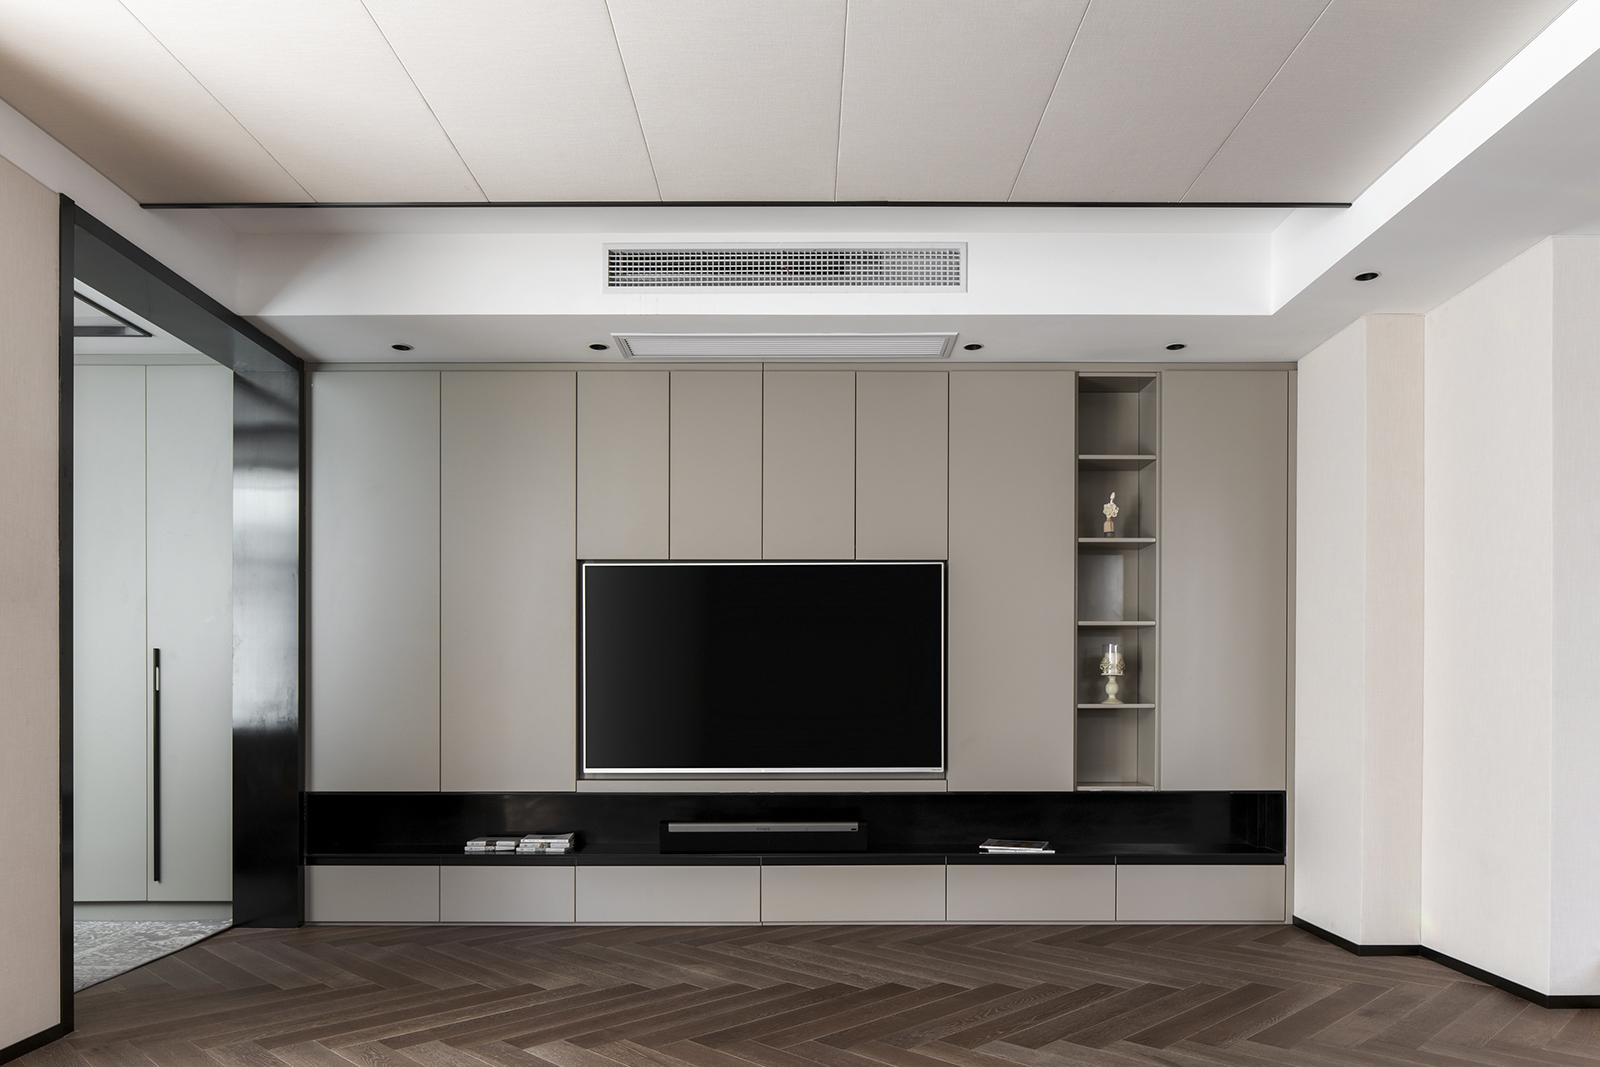 简约 混搭 三居 别墅 白领 收纳 80后 小资 客厅图片来自7KK DESIGN在如何把236平方改造成400平方使用的分享